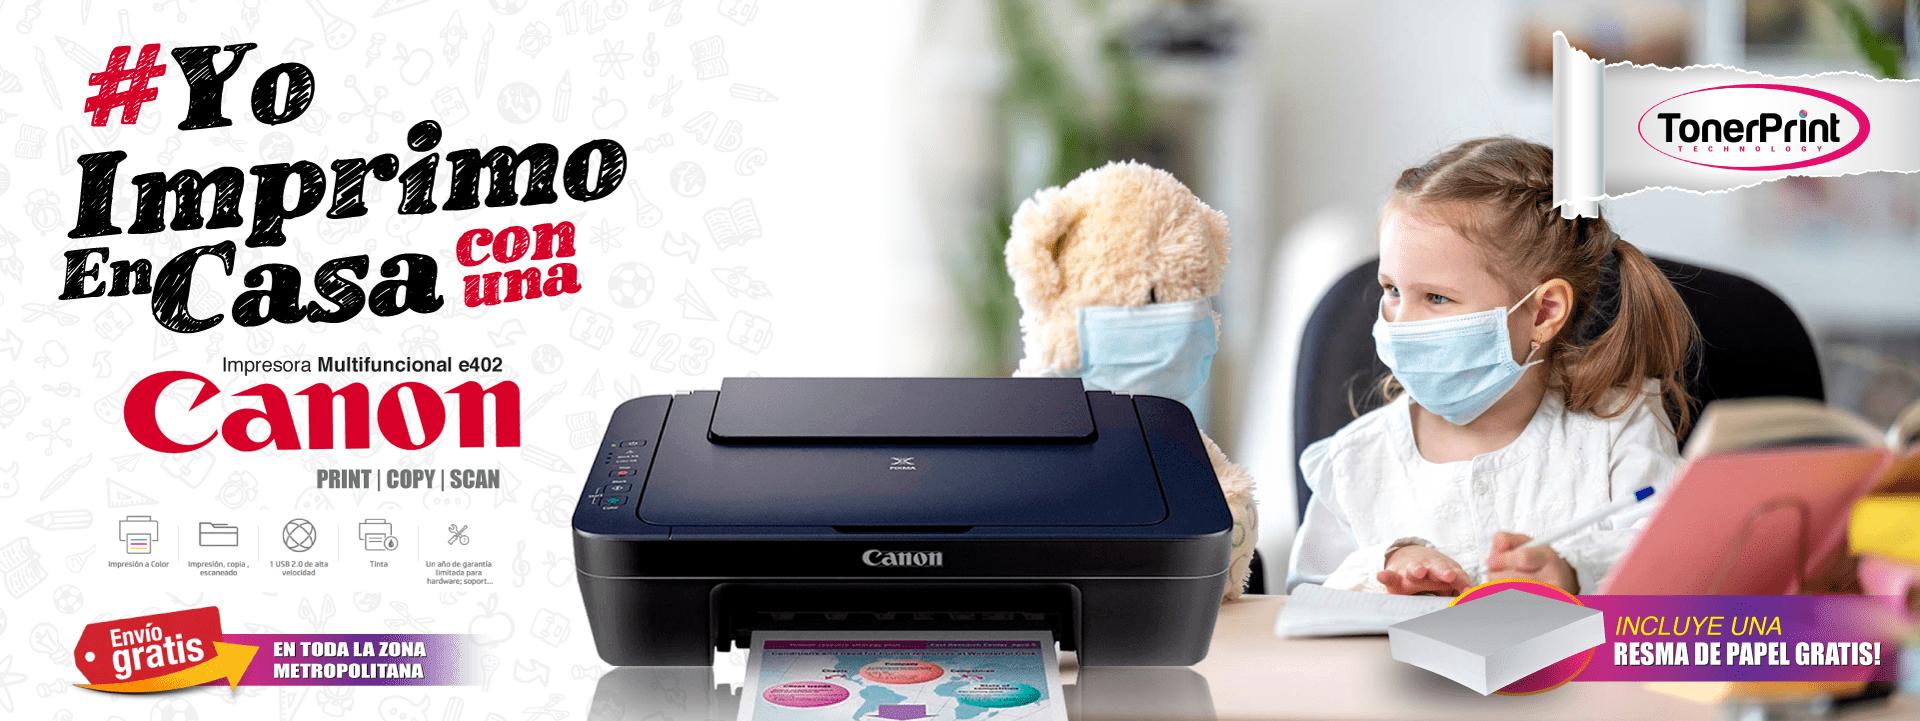 canon-e402-impresora